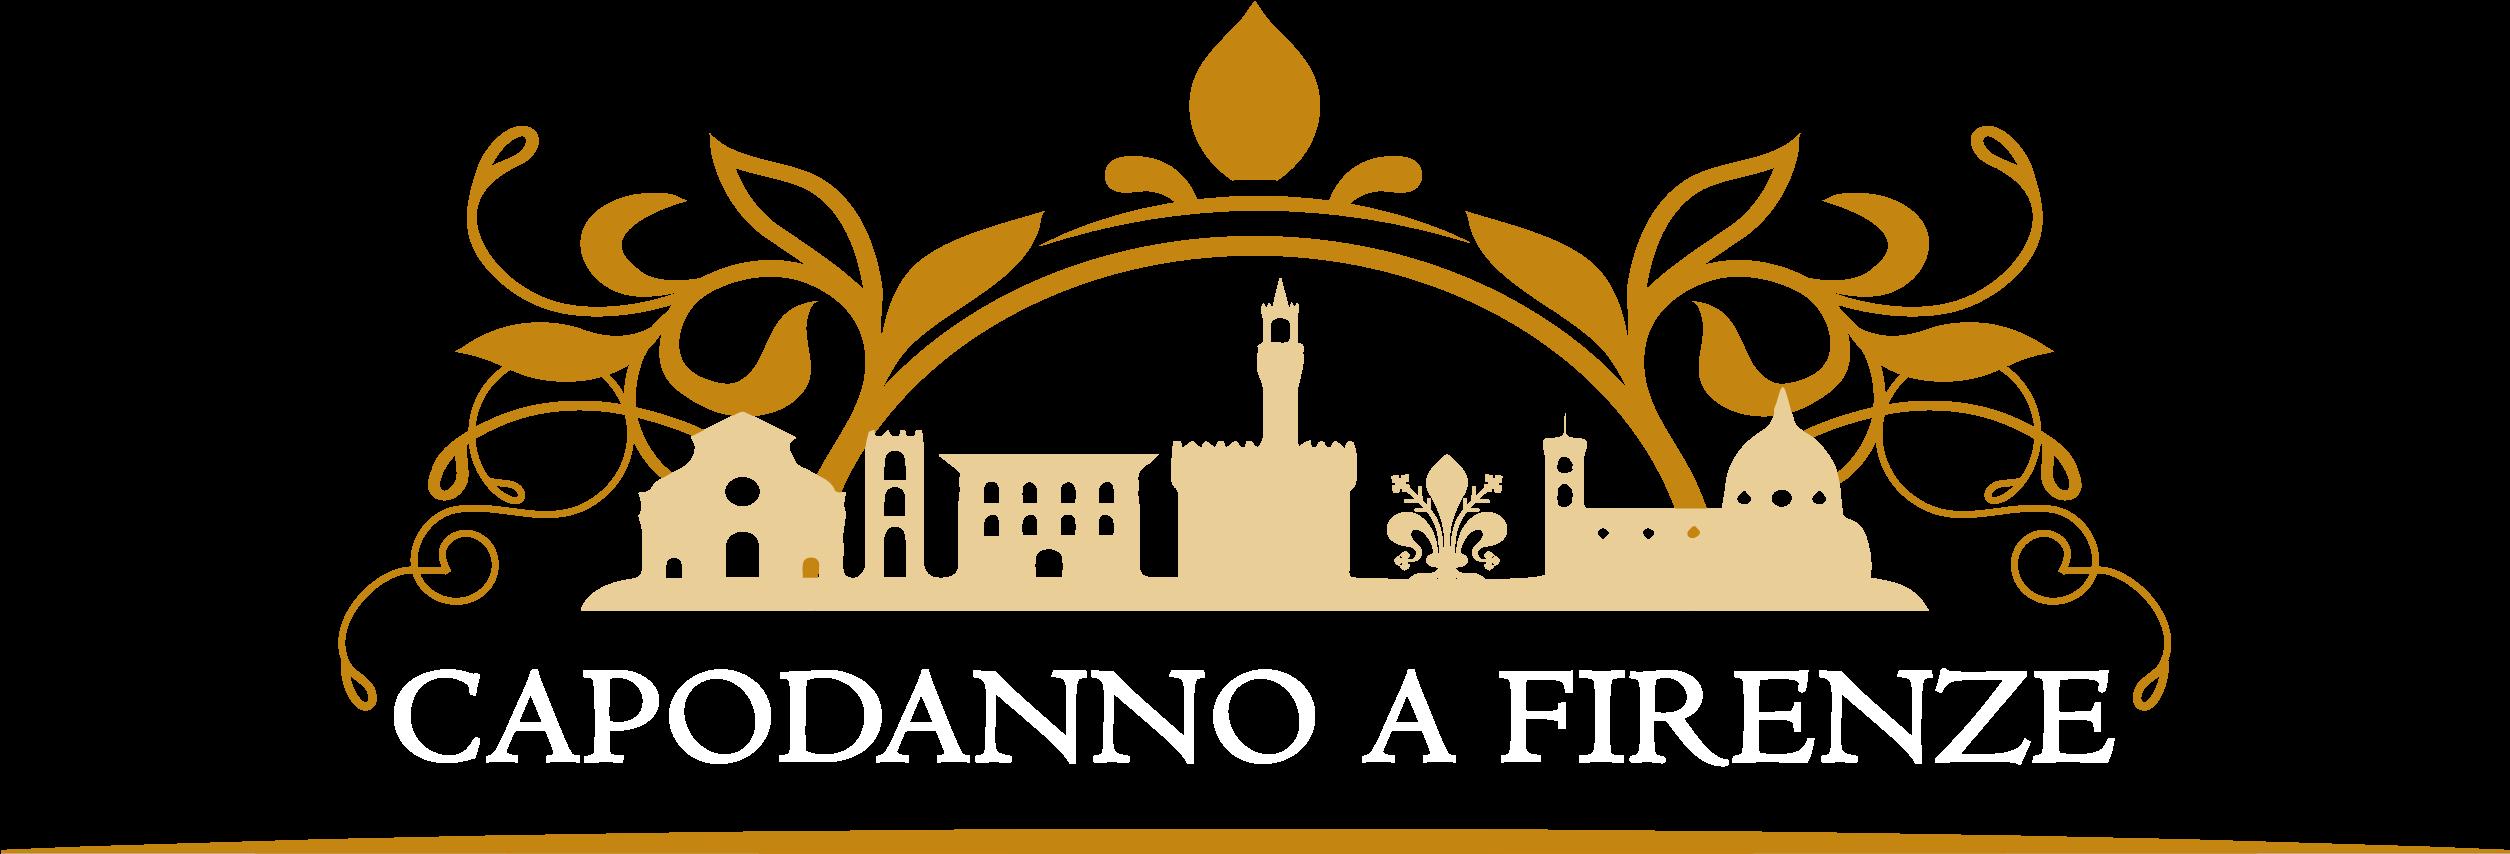 Capodanno A Firenze.